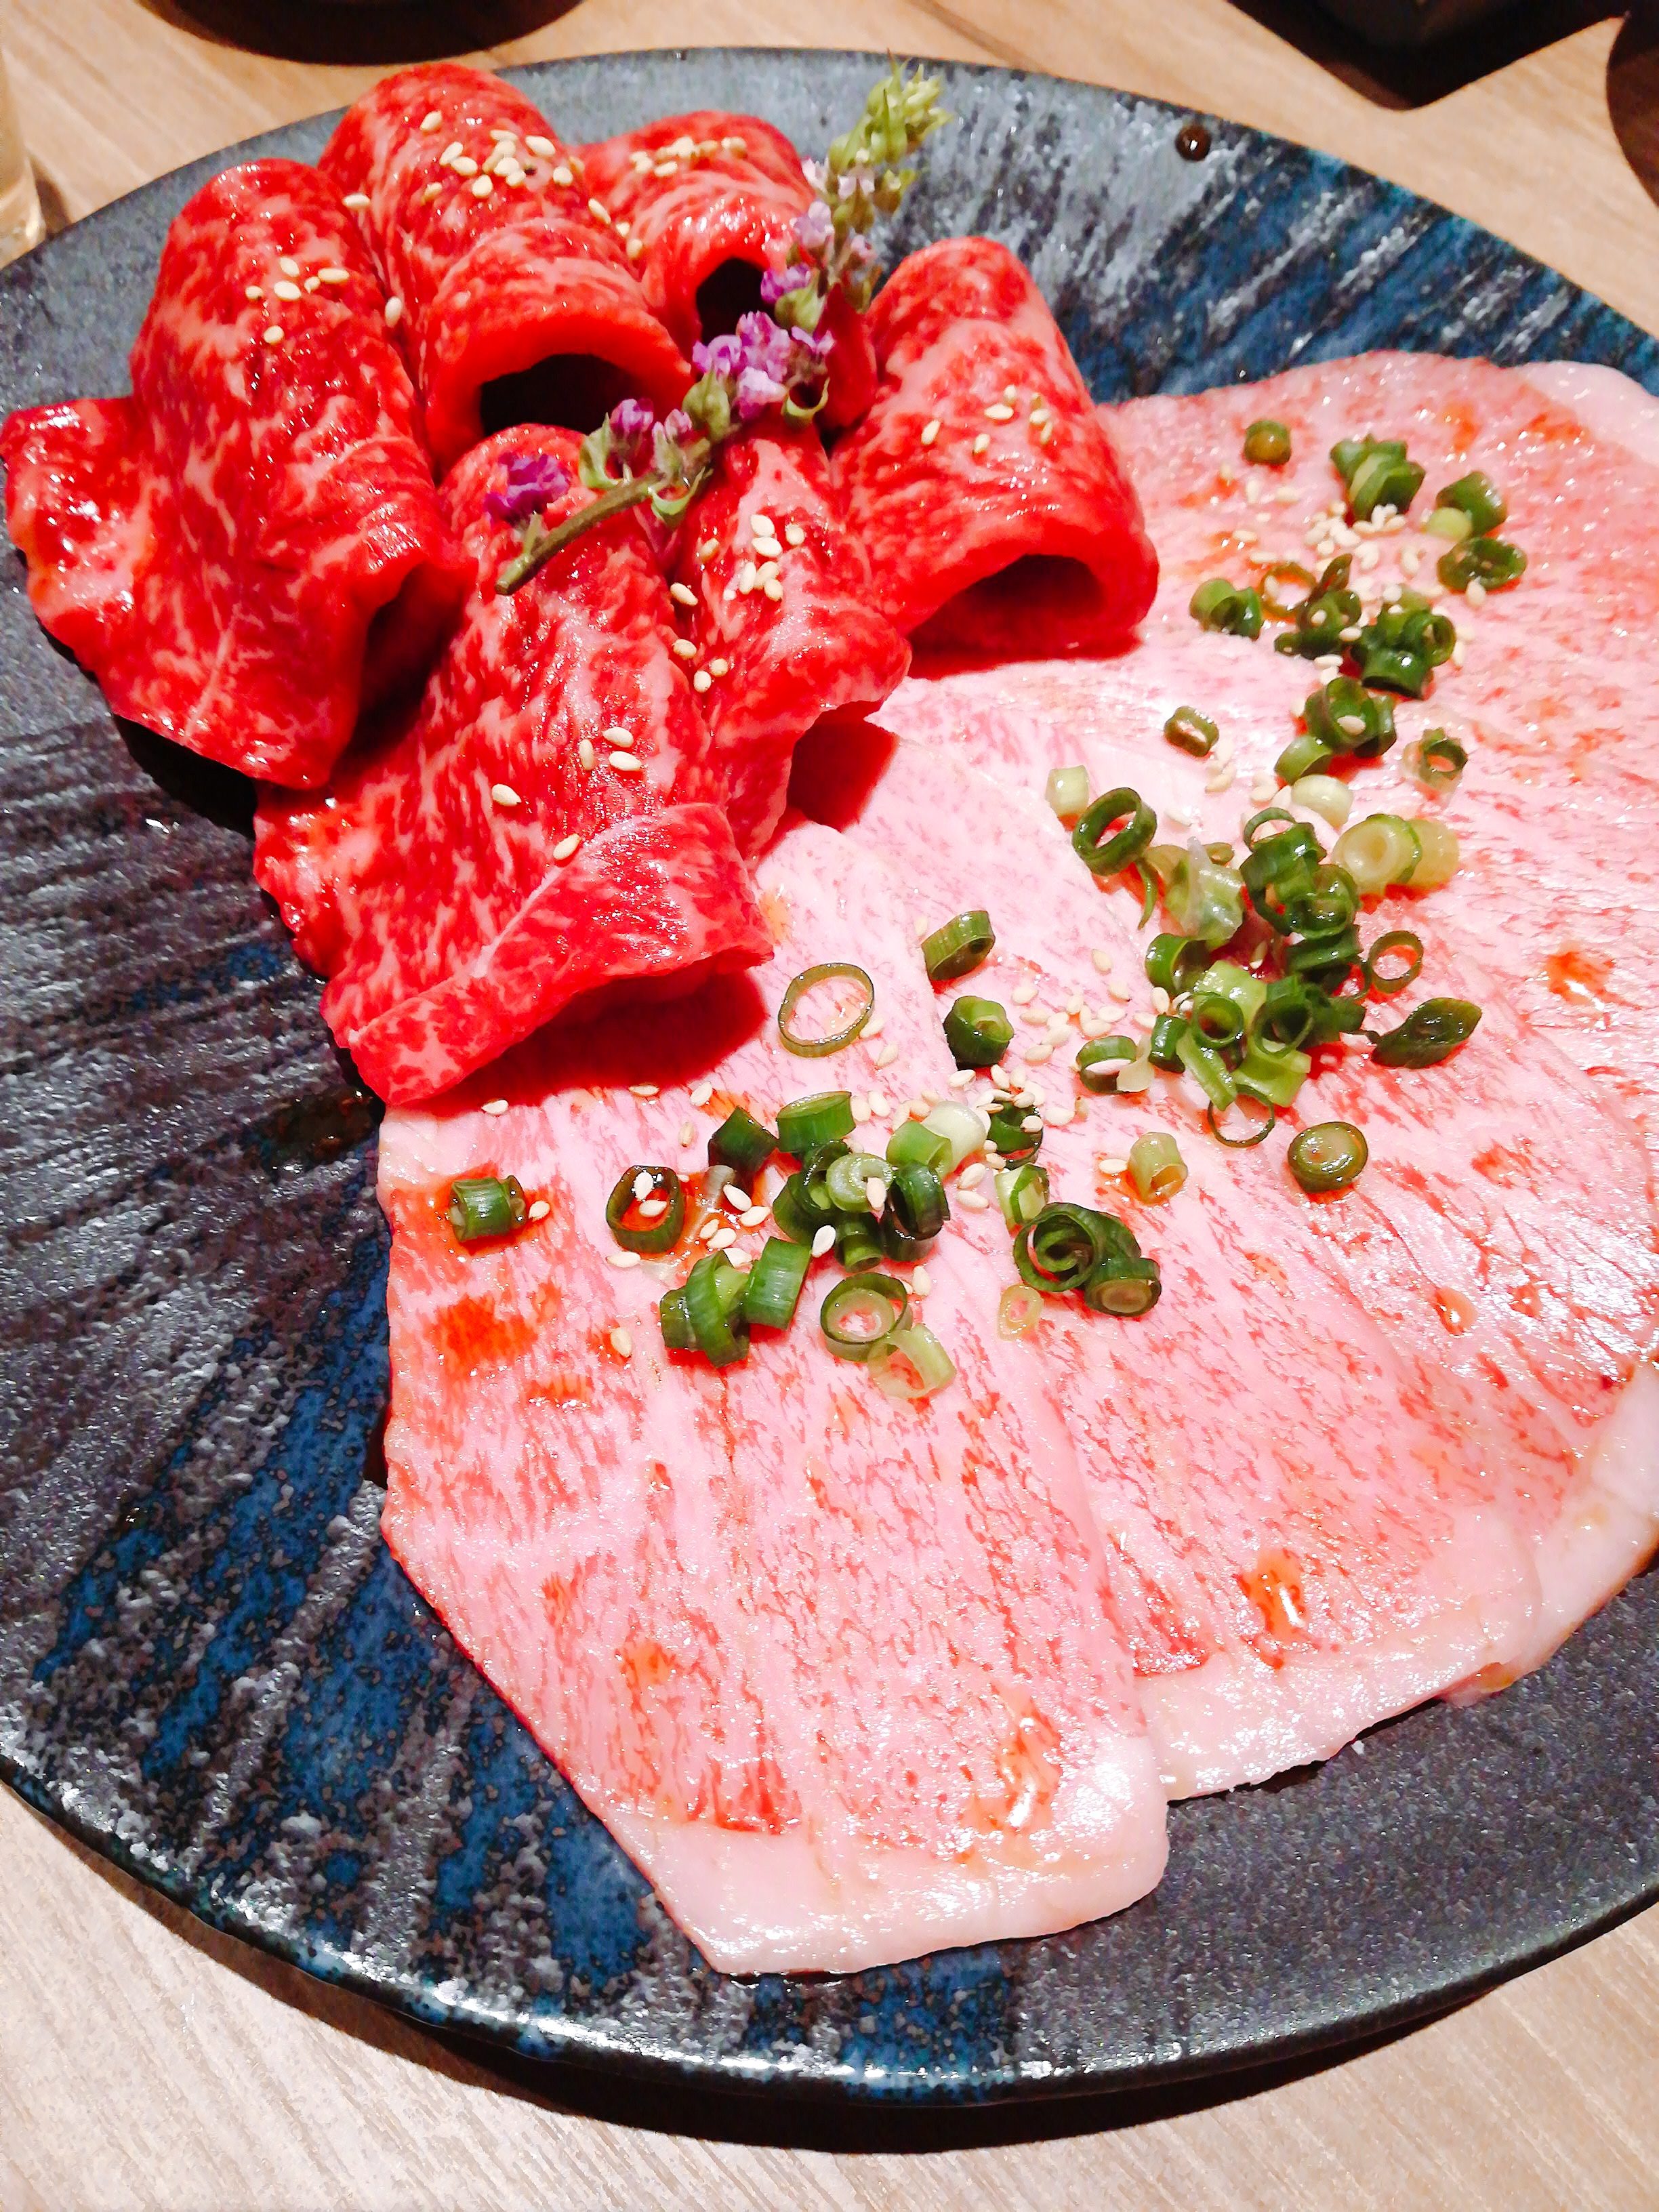 厚切り肉を食べたい時は